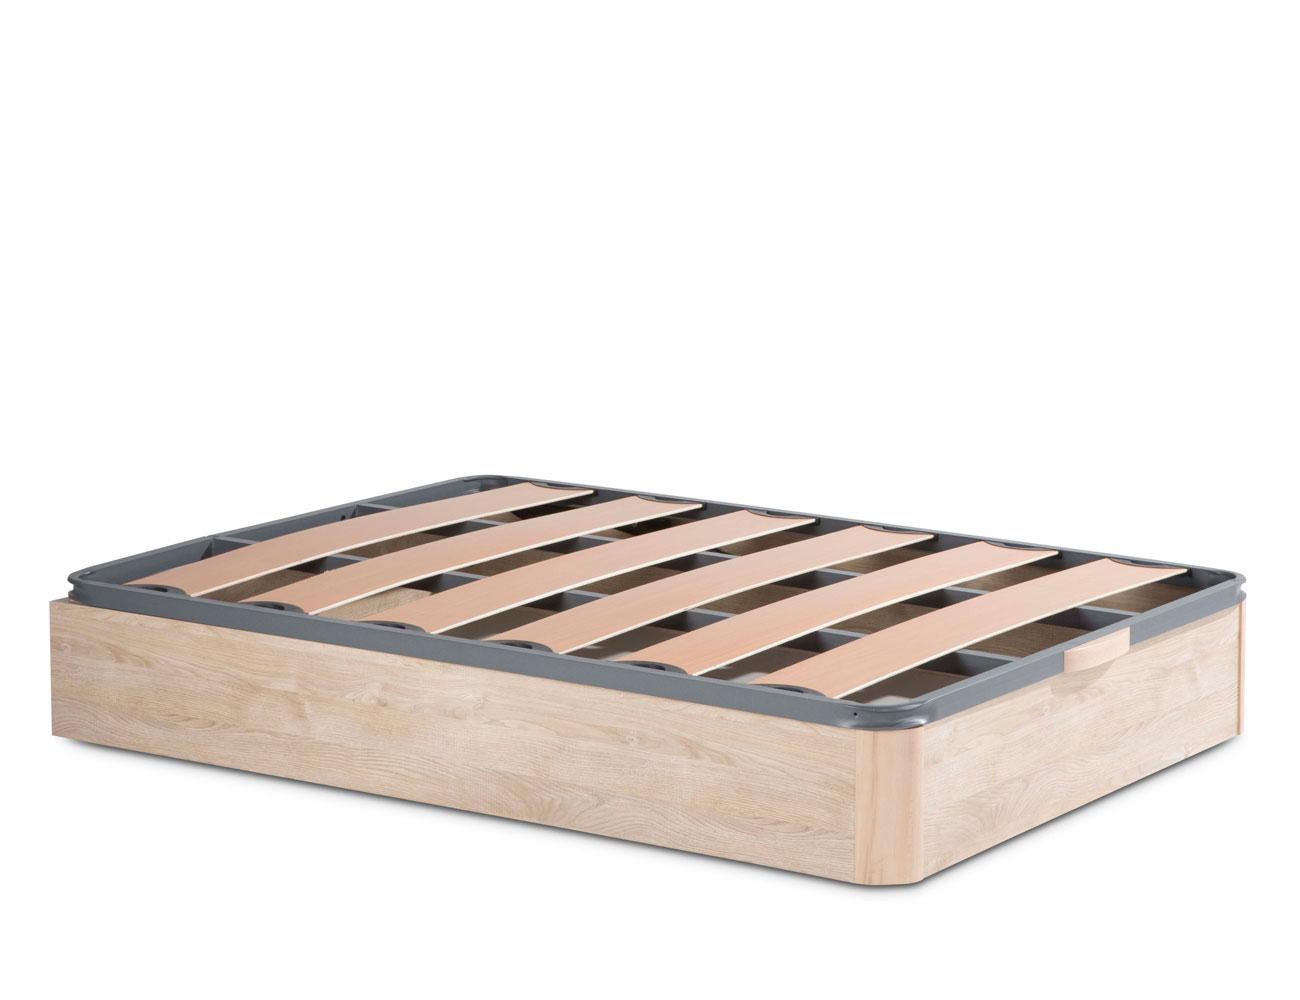 Canape madera somier laminas pvc 78